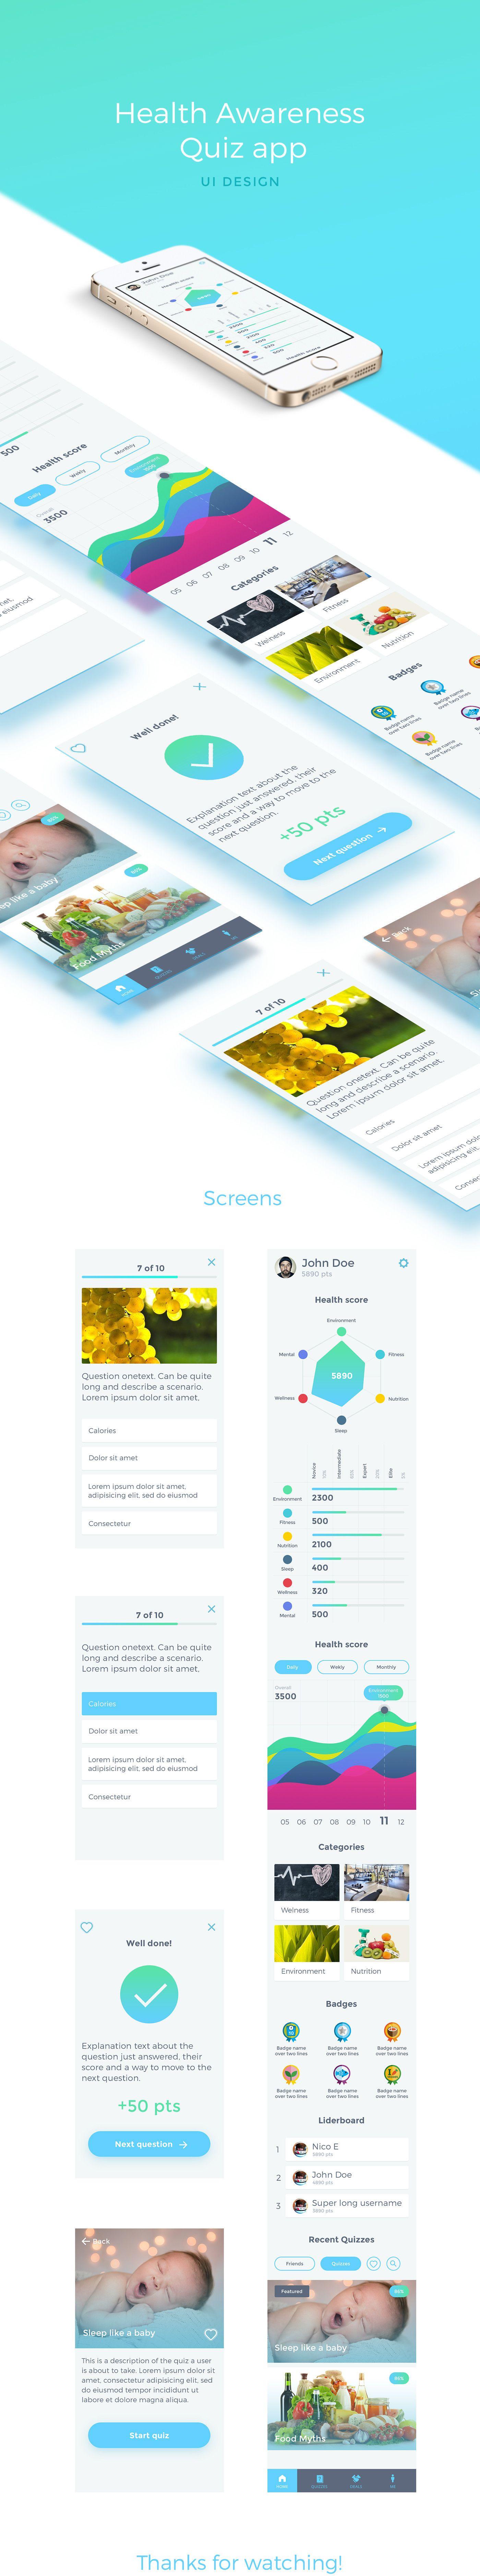 화면의 배열이 단순하다. 앱화면 배치가  따분한 느낌이 없지 않아 있다.